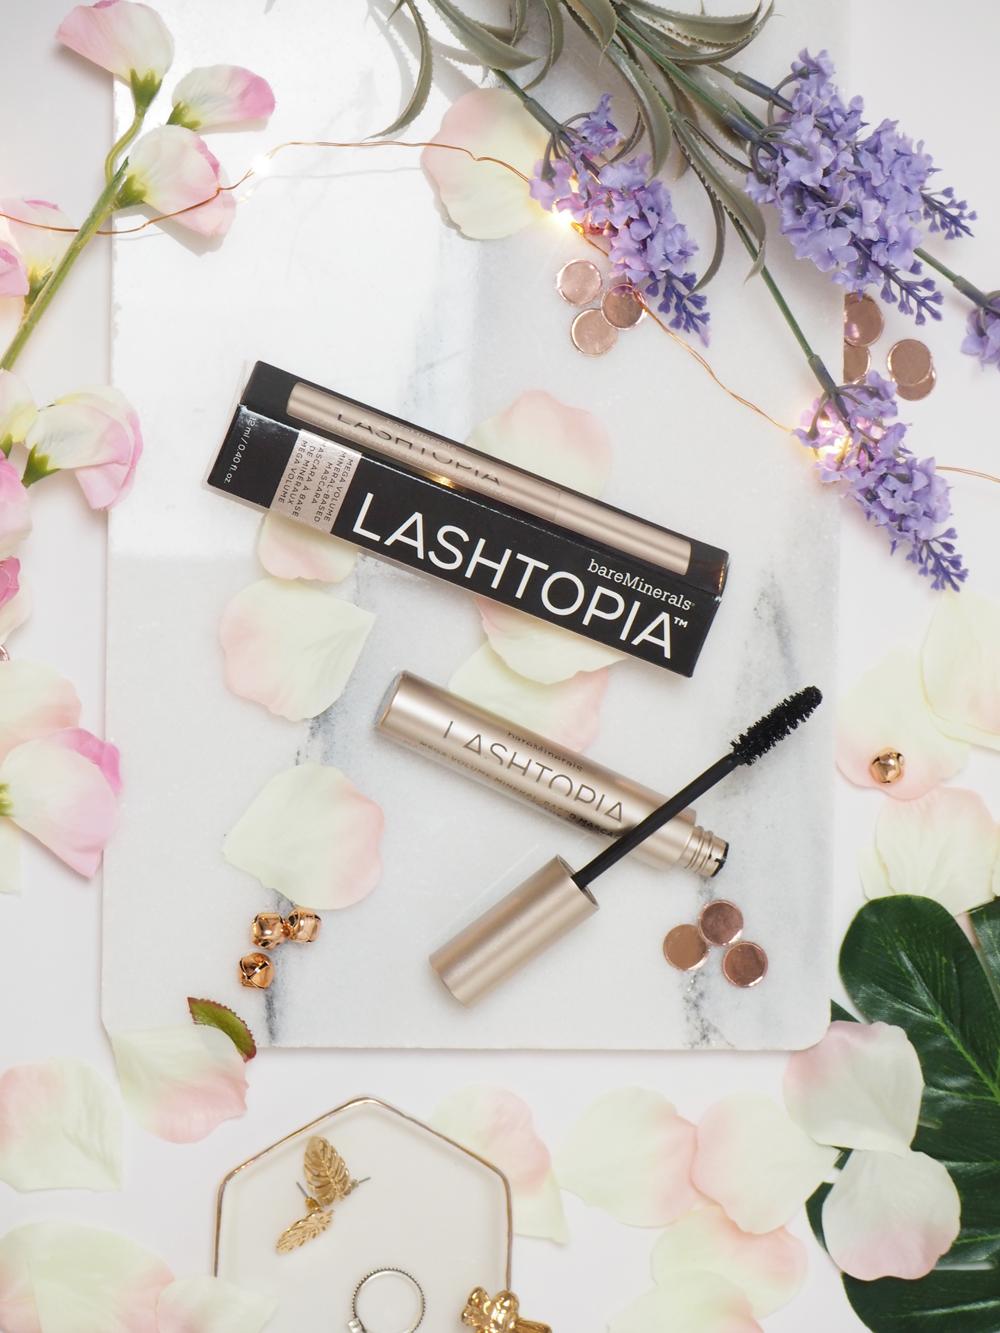 Bare Minerals Lashtopia Mascara // LUCY-COLE